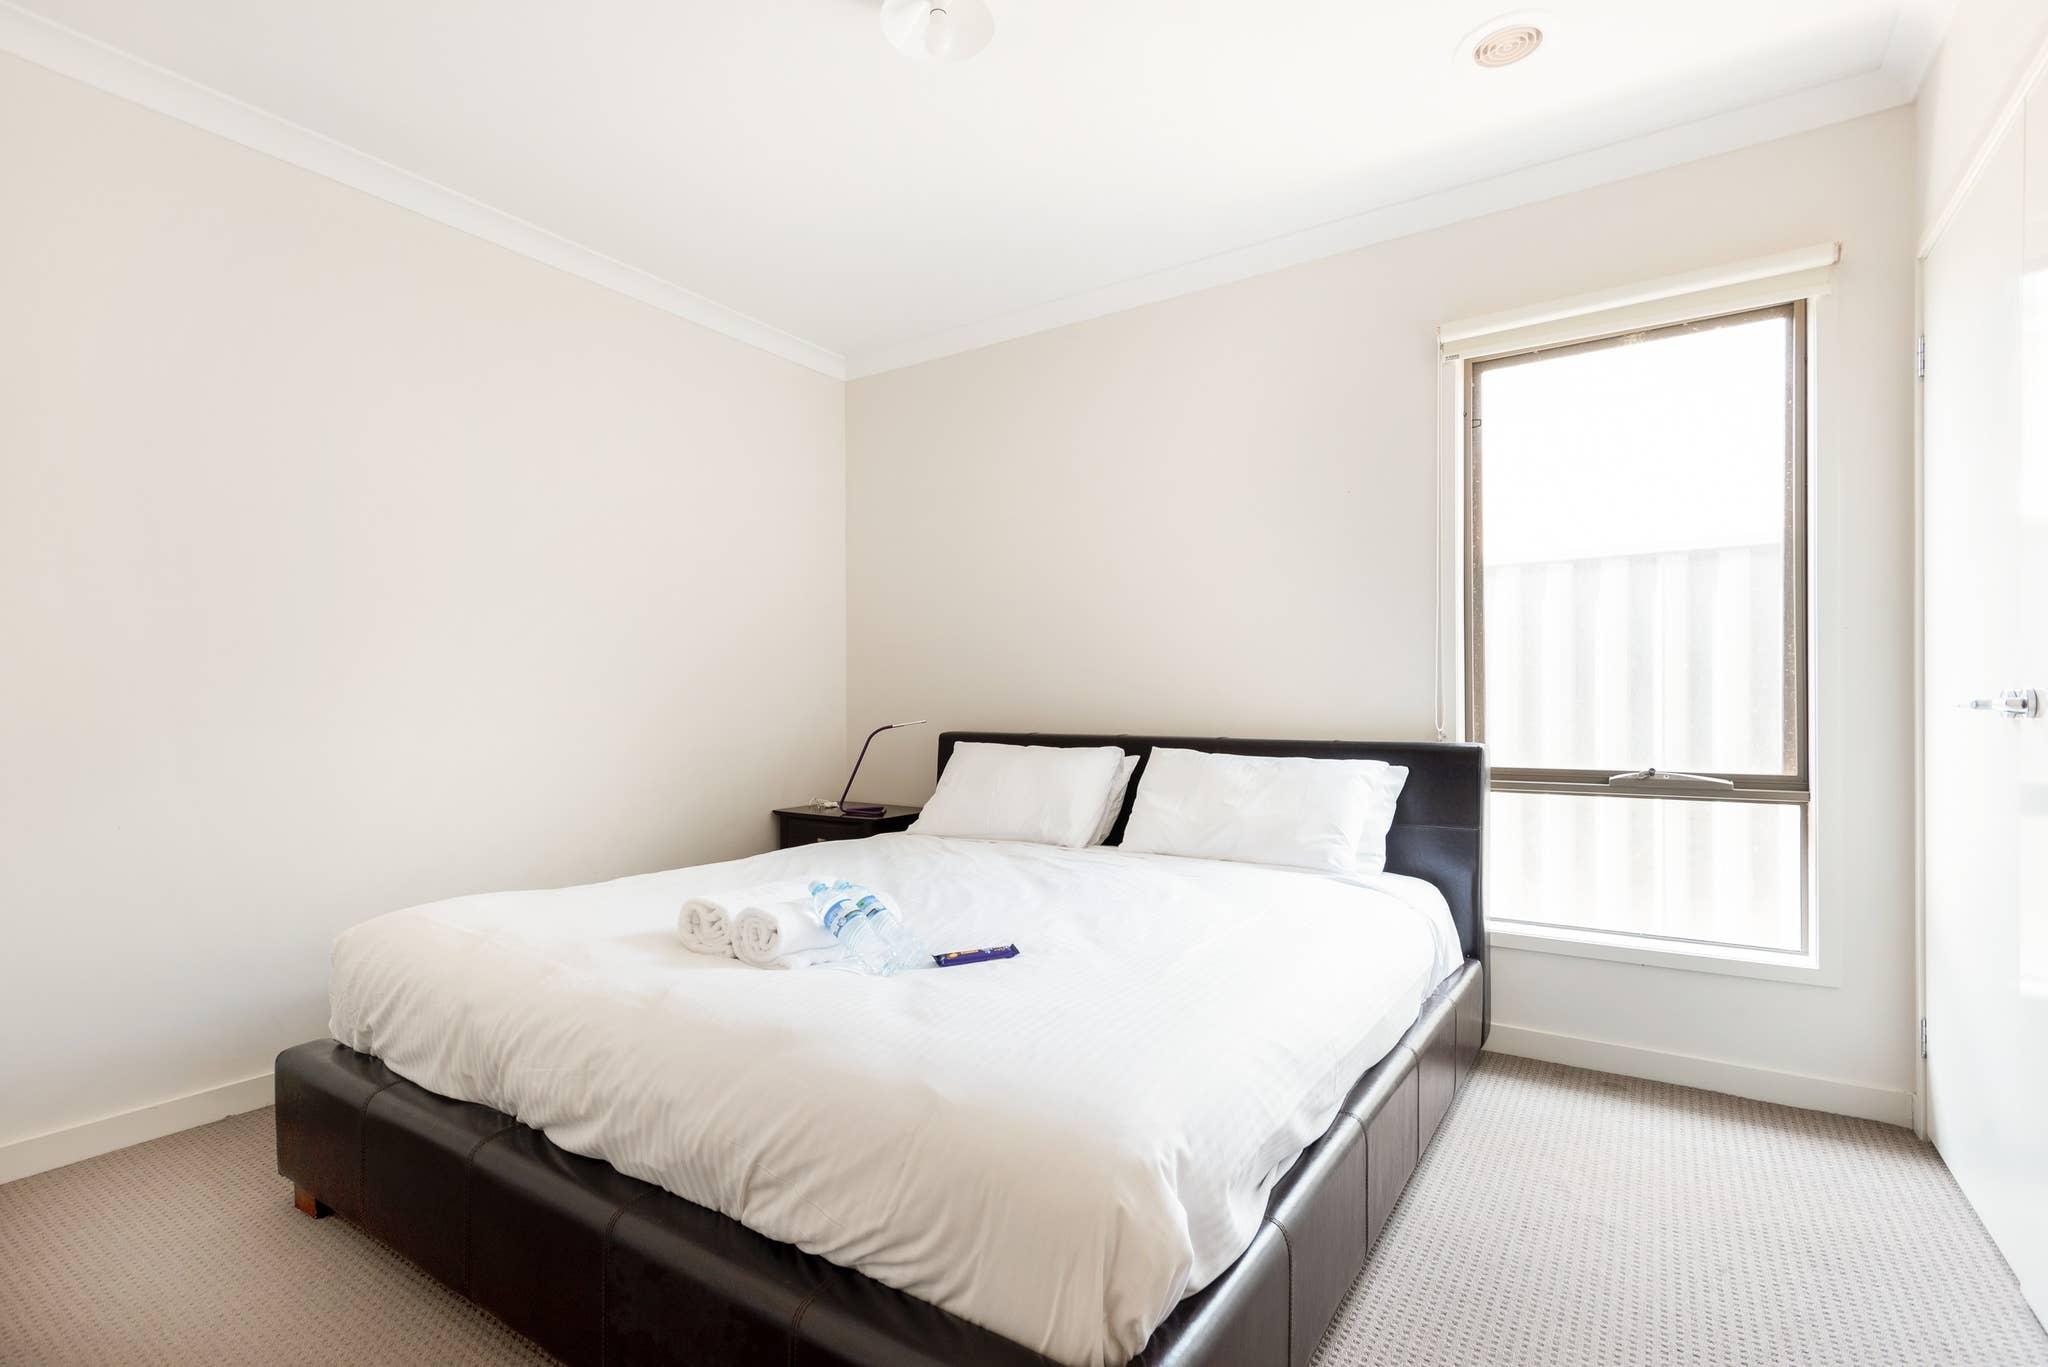 Ferienhaus 5br Luxushaus 20 Min bis Cbd Gerumiges Wohnen (2704199), Point Cook, , Victoria, Australien, Bild 16